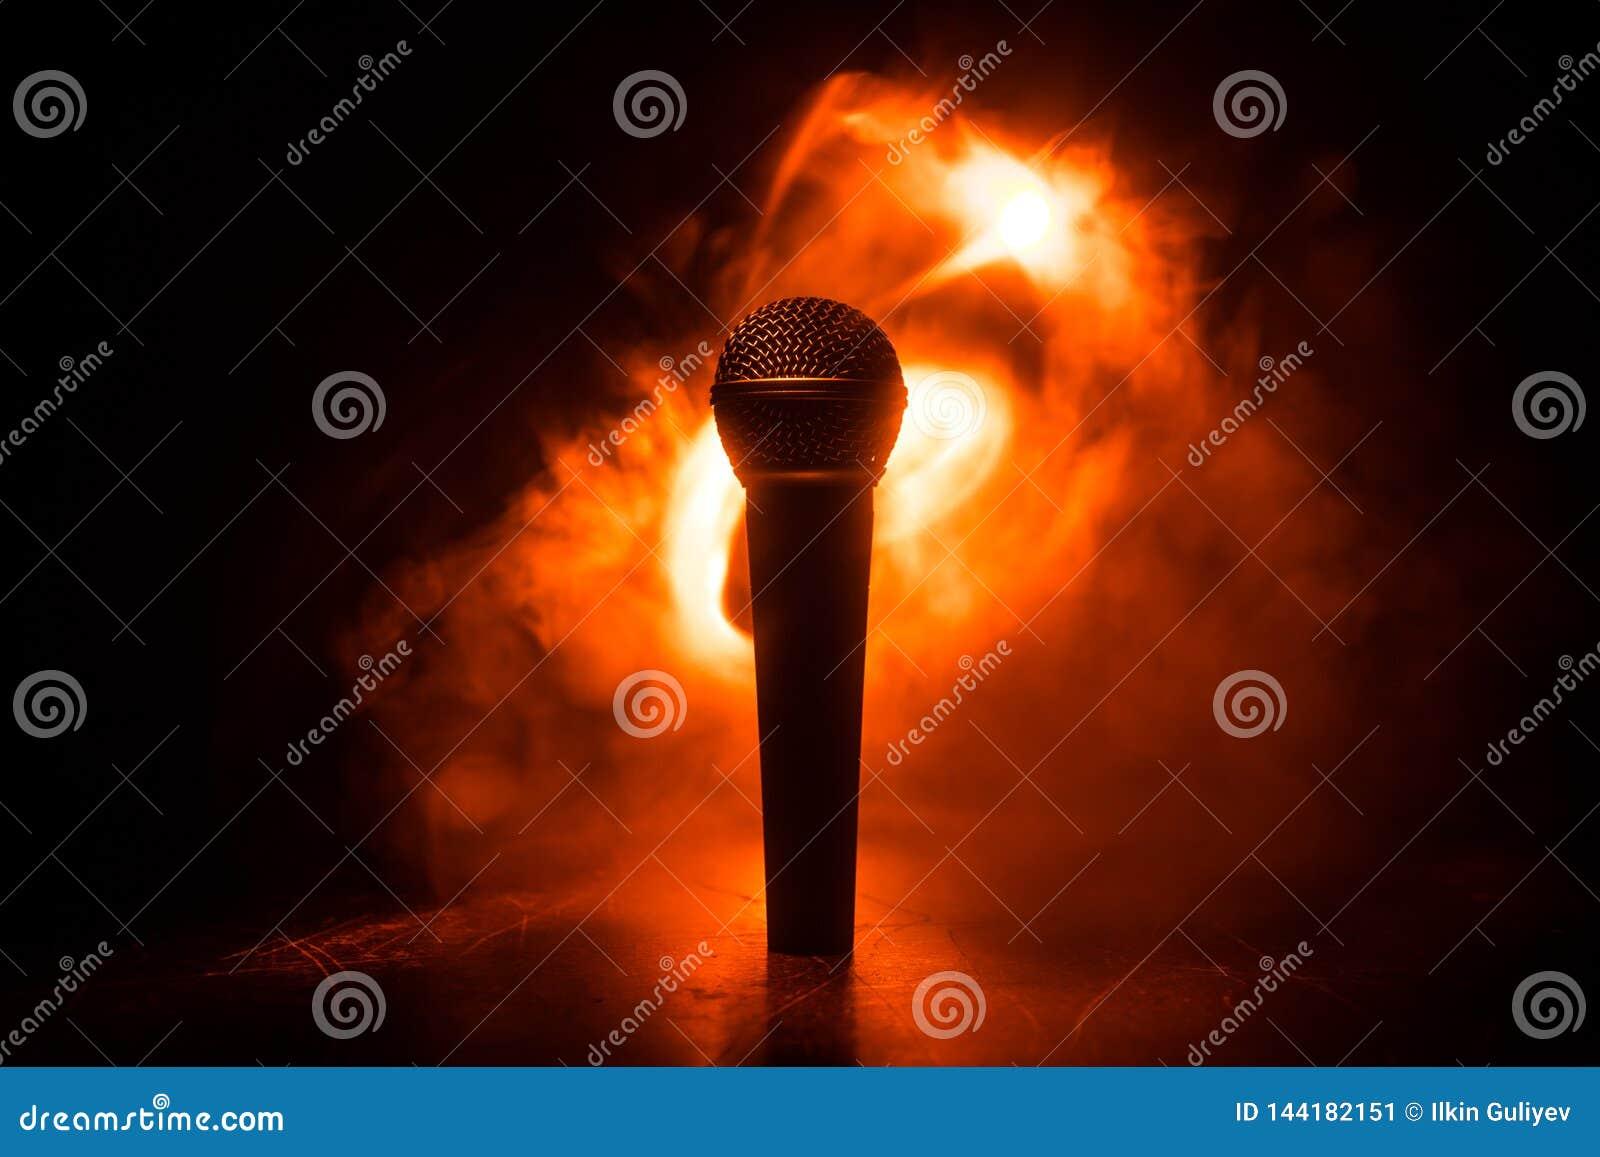 Καραόκε μικροφώνων, συναυλία Φωνητικό ακουστικό mic στο χαμηλό φως με το θολωμένο υπόβαθρο Ζωντανή μουσική, ακουστικός εξοπλισμός